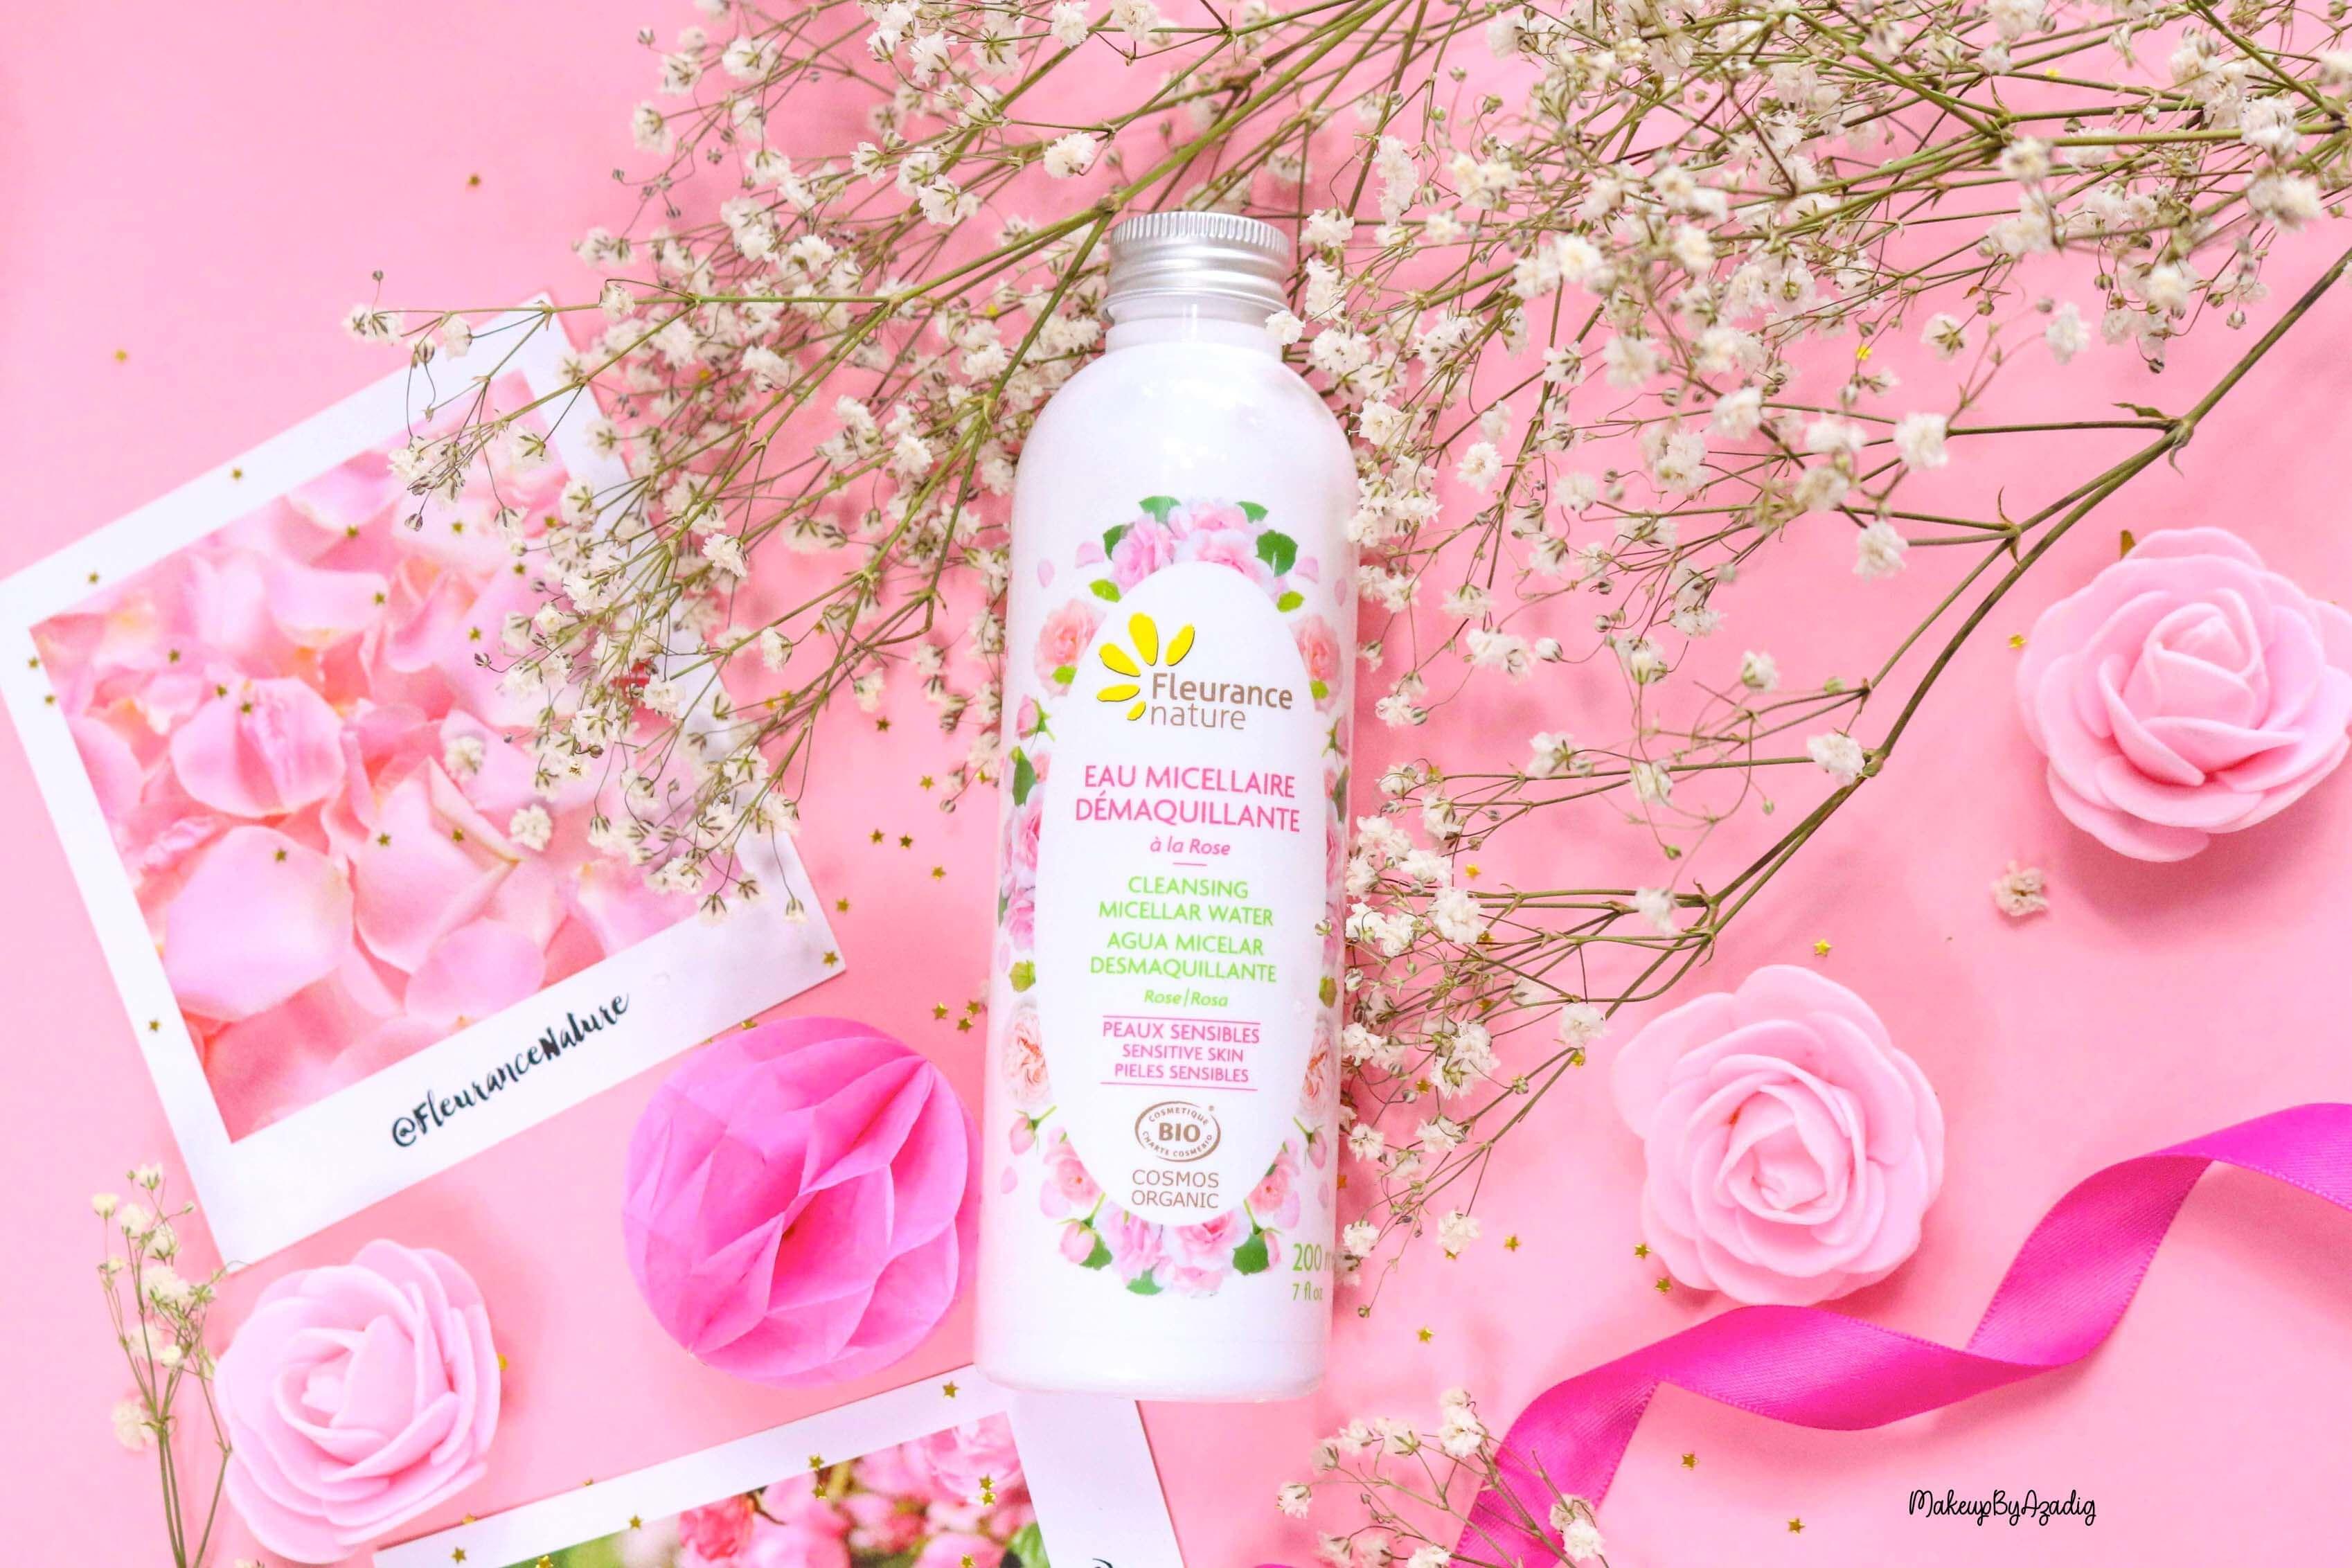 revue-eau-micellaire-demaquillante-eau-florale-rose-fleurance-nature-demaquillage-parfait-peau-acneique-makeupbyazadig-avis-prix-promo-damas